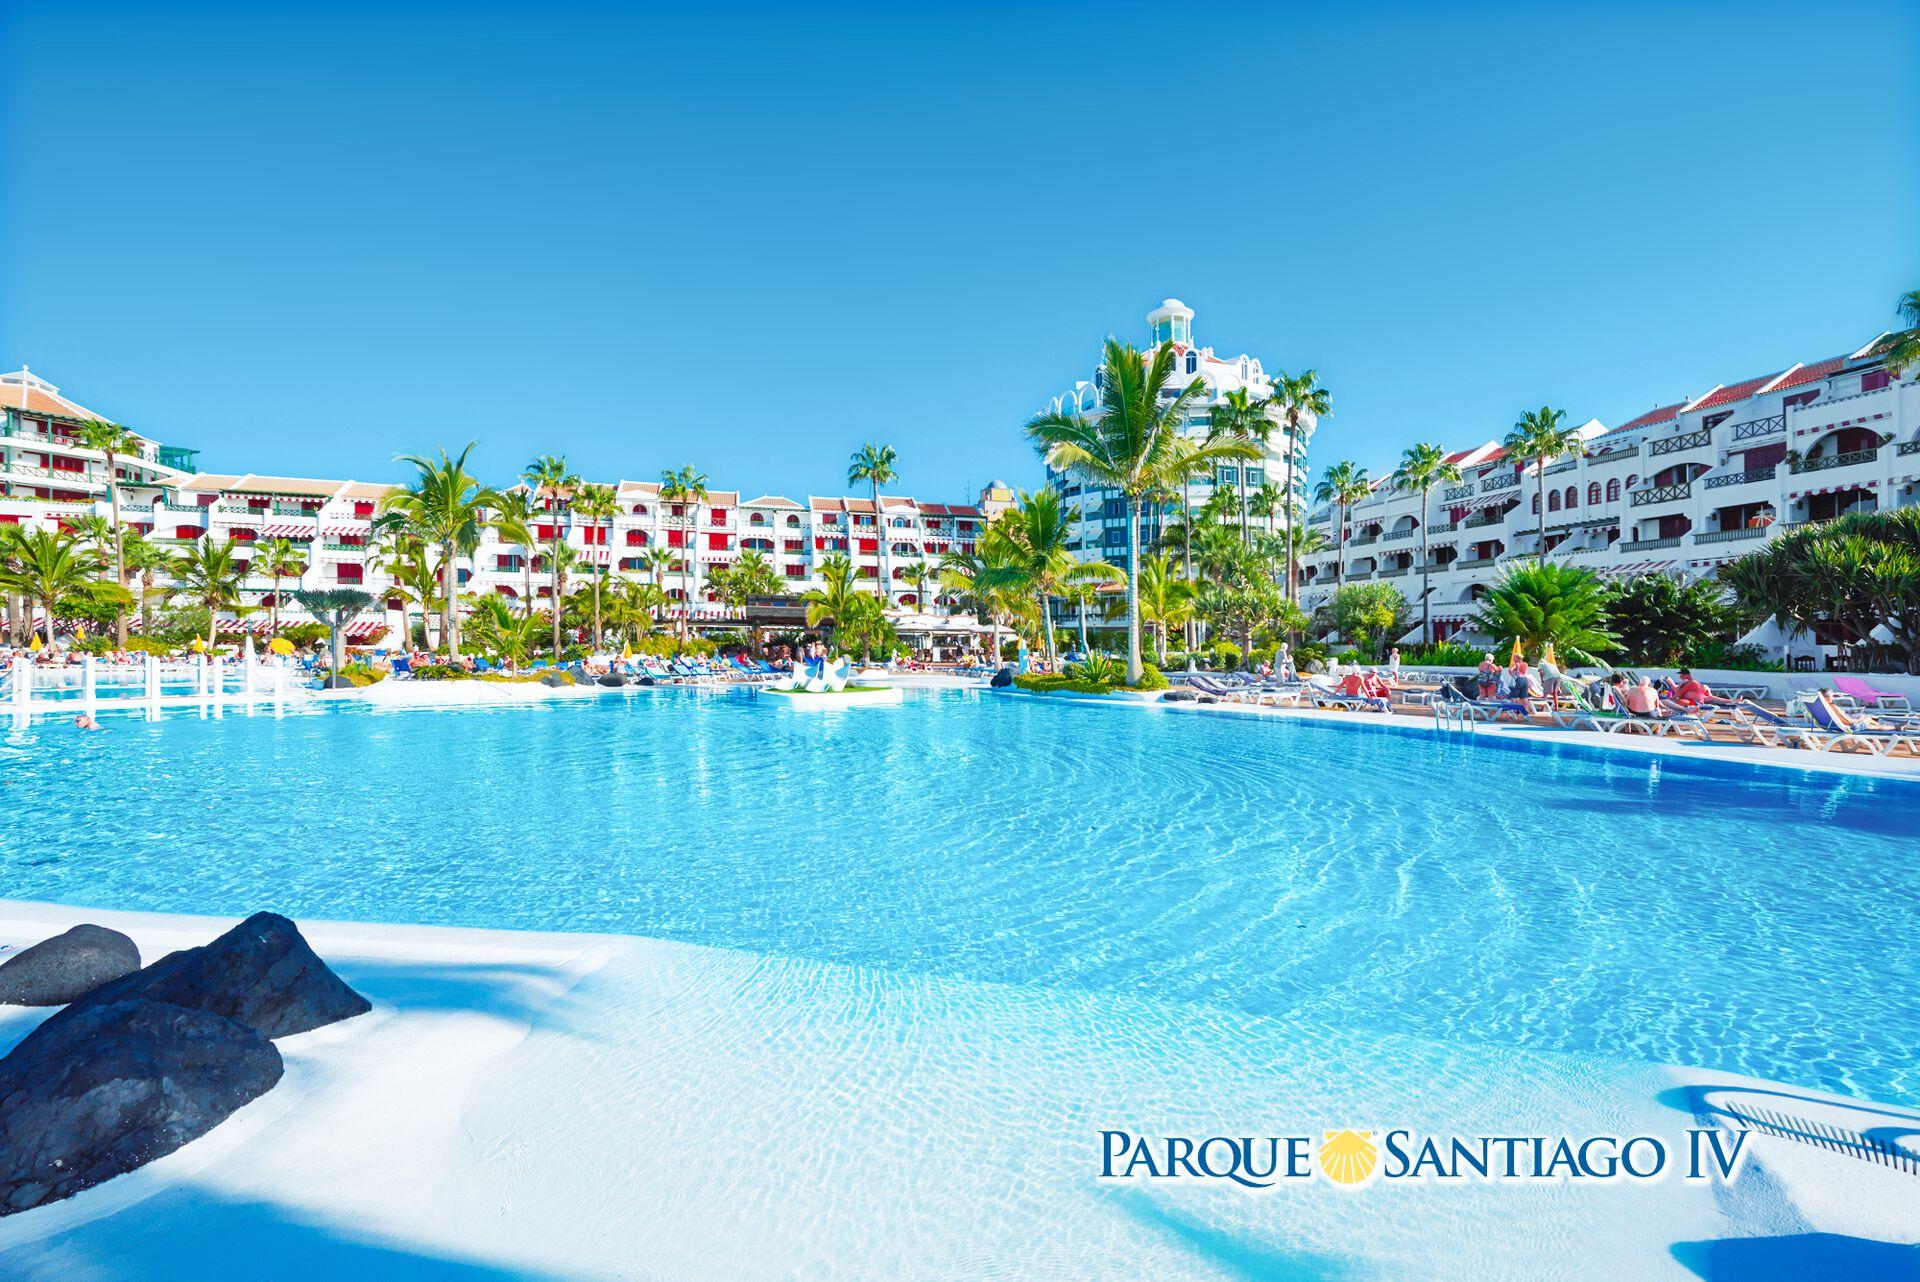 Séjour Tenerife - Parque Santiago III & IV - 3*